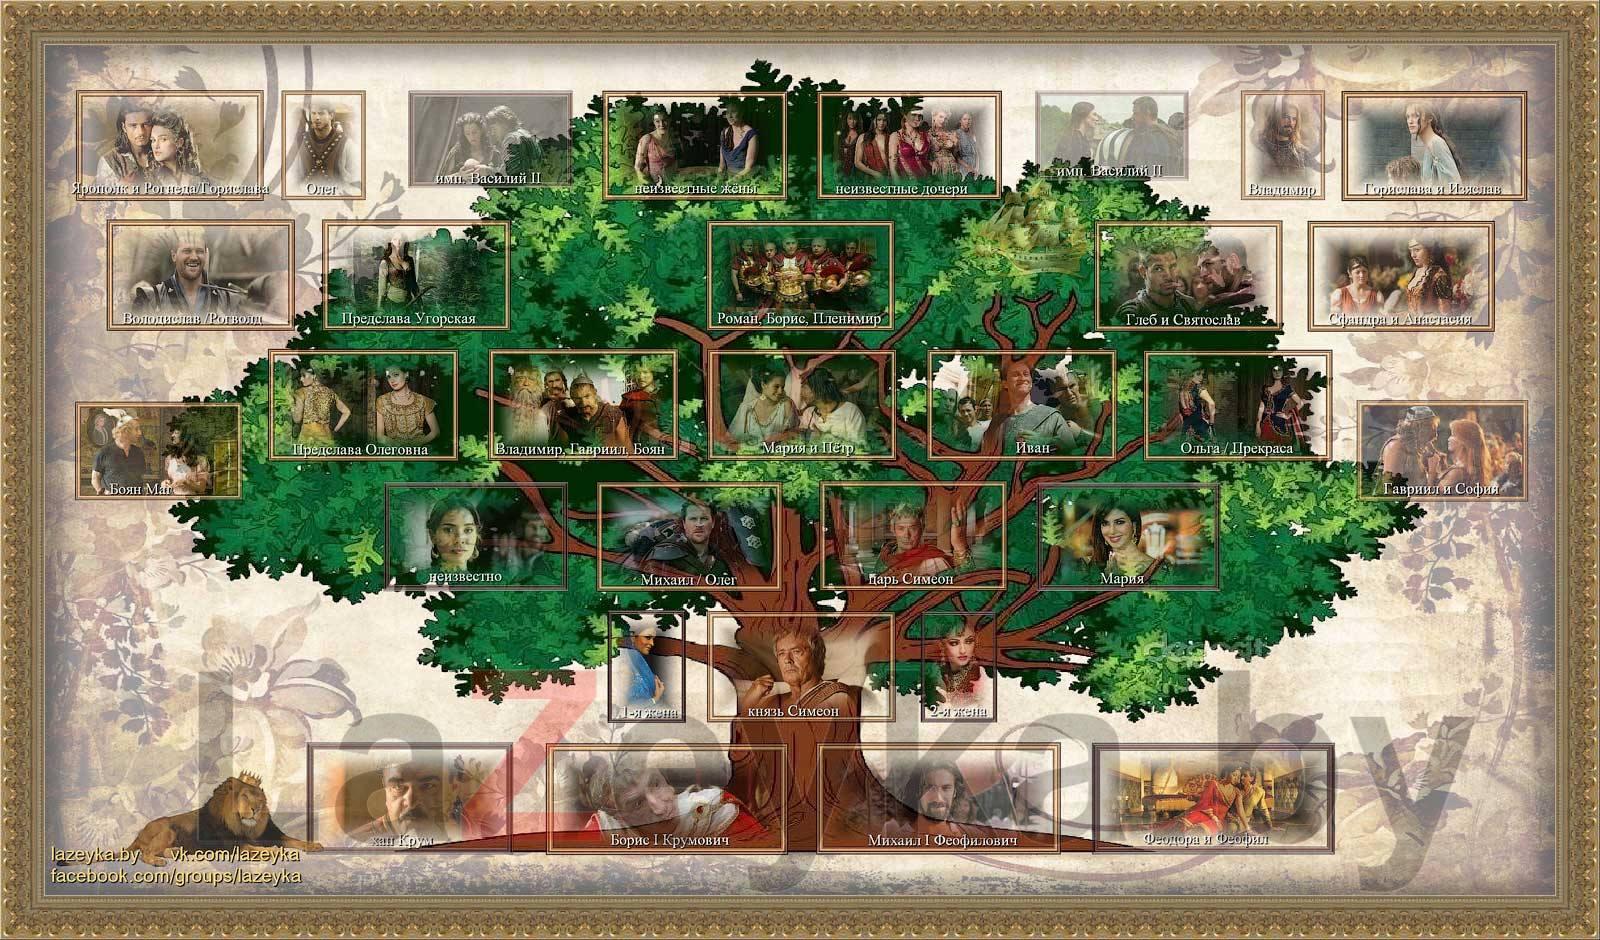 Родовое дерево Симеона I Болгарского